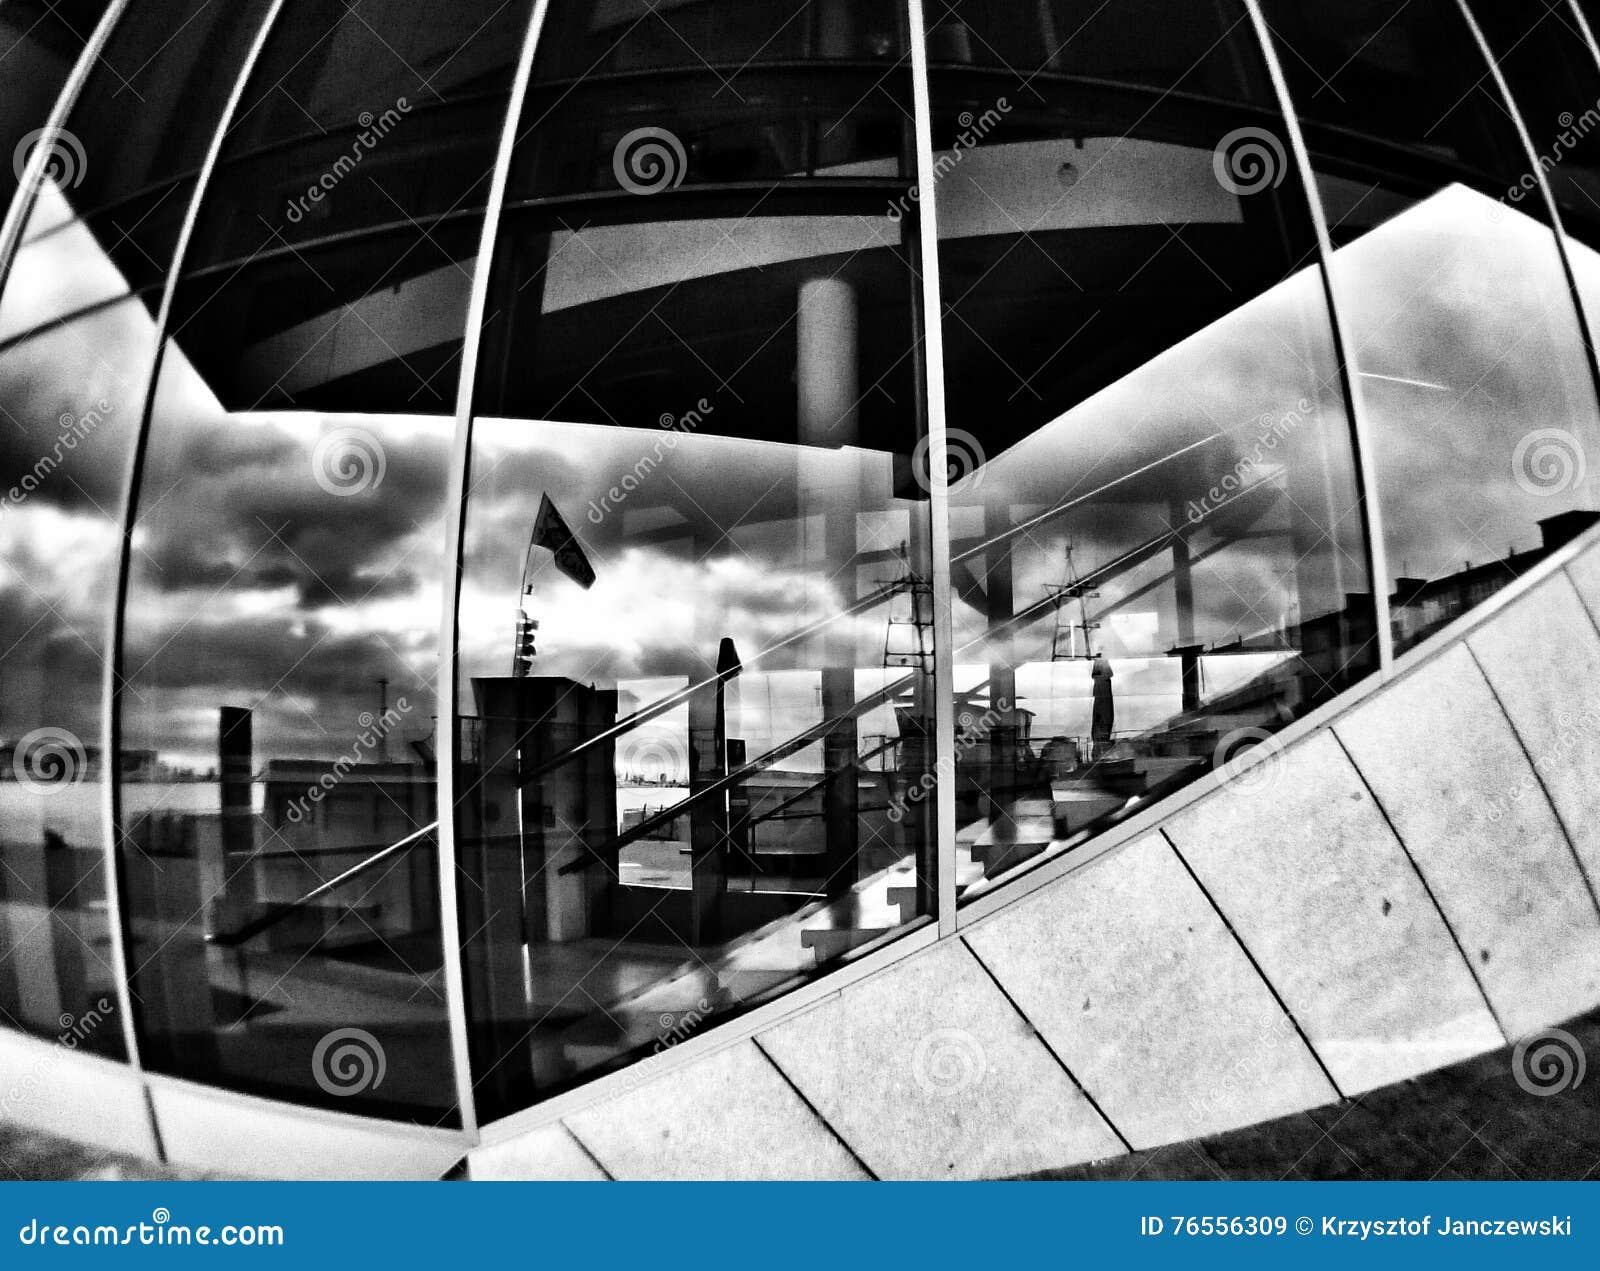 Arquitectura En Gdynia Mirada Artística En Blanco Y Negro Imagen De